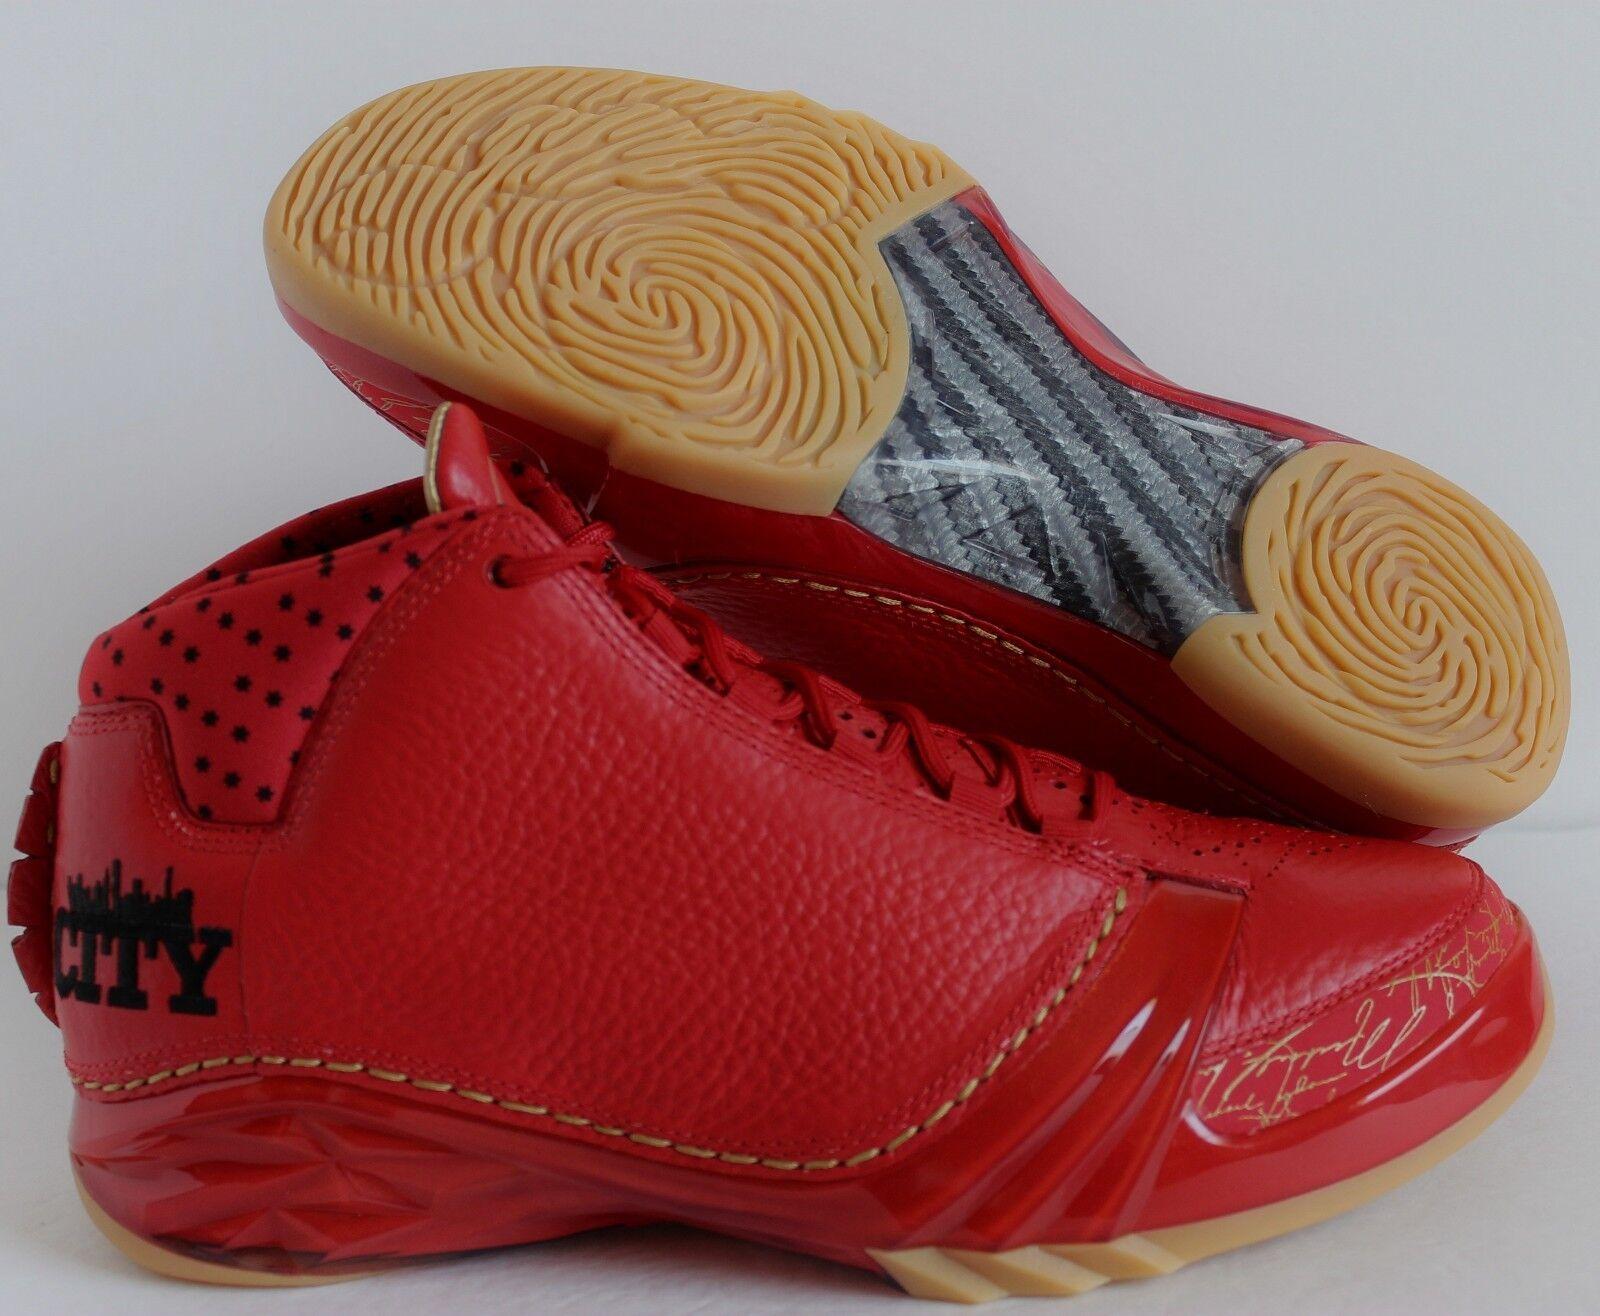 Nike Air Jordan XX3 23 de la Universidad de Chicago precio red-gum amarillo reduccion de precio Chicago el mas popular de zapatos para hombres y mujeres 2c5df2